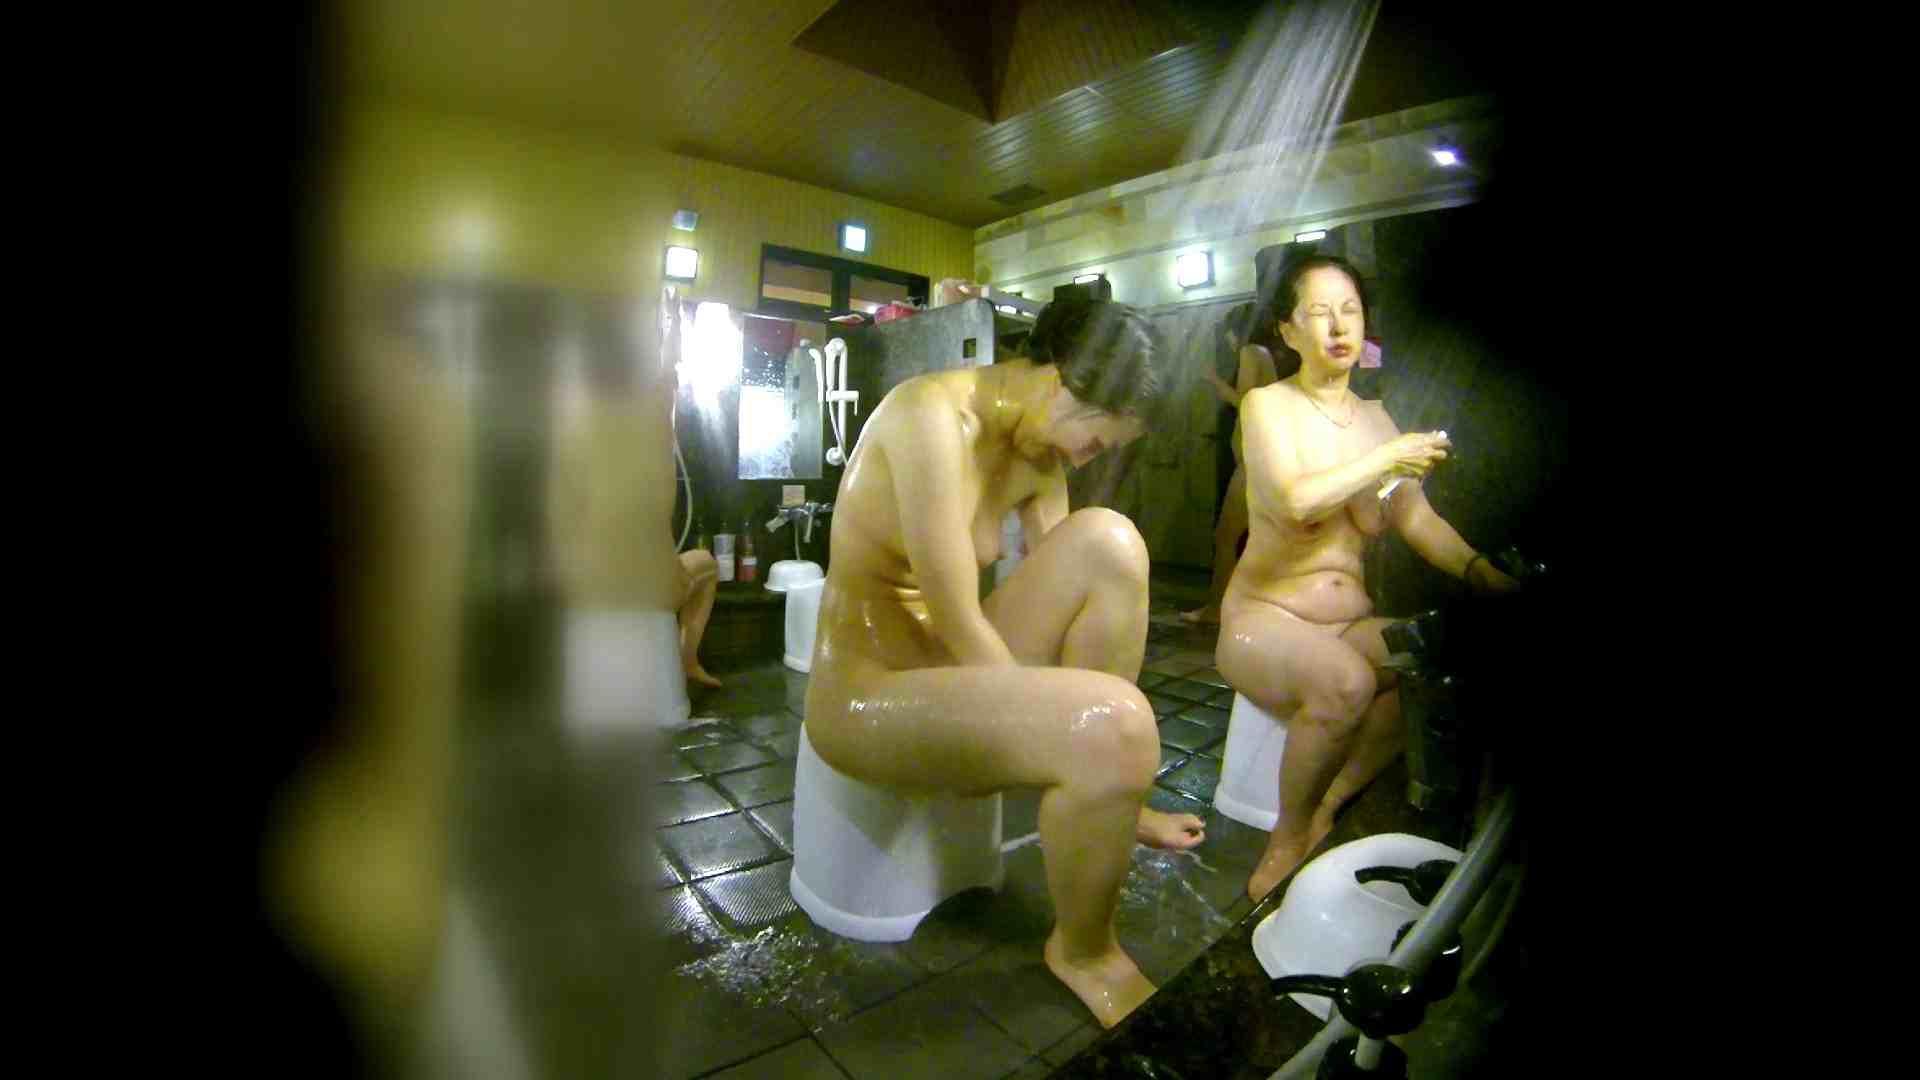 洗い場!右足の位置がいいですね。陰毛もっさり! 美乳 性交動画流出 107枚 53